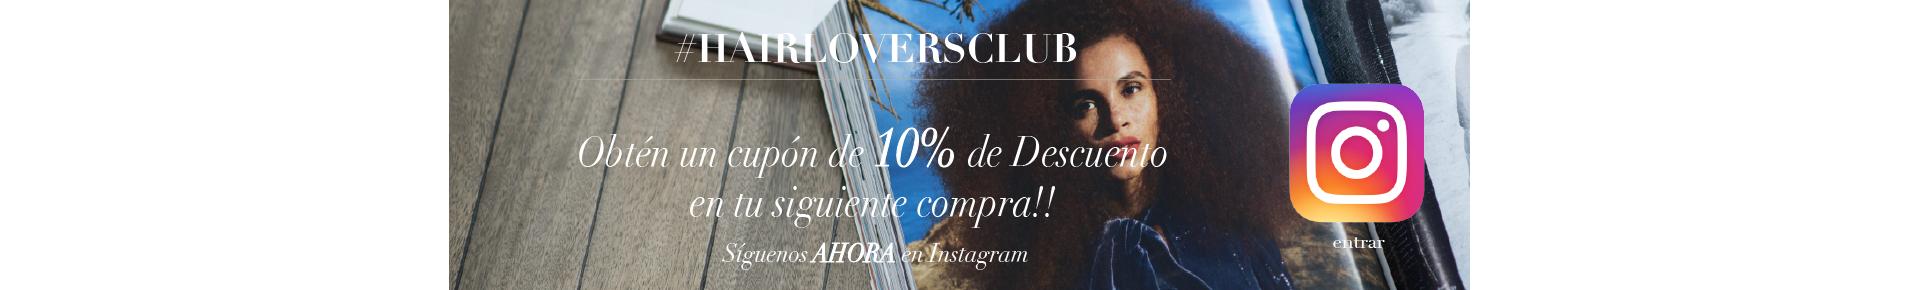 hairloverclub02-01